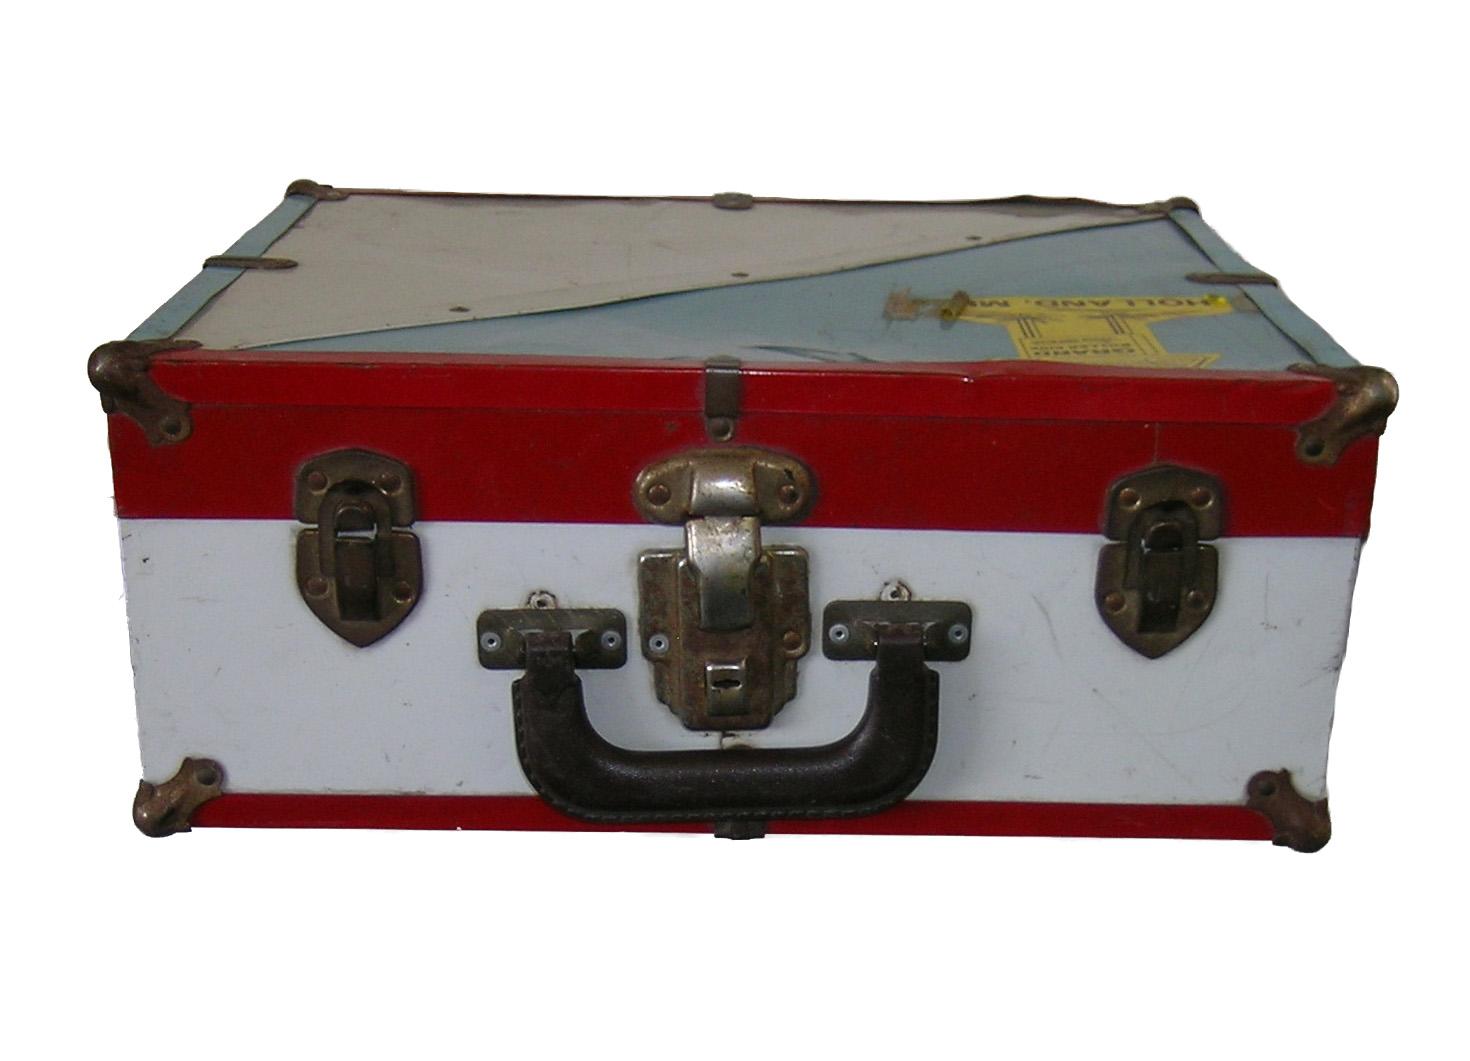 Roller skates red - Vintage Metal Roller Skate Case Suitcase Light Blue White Red